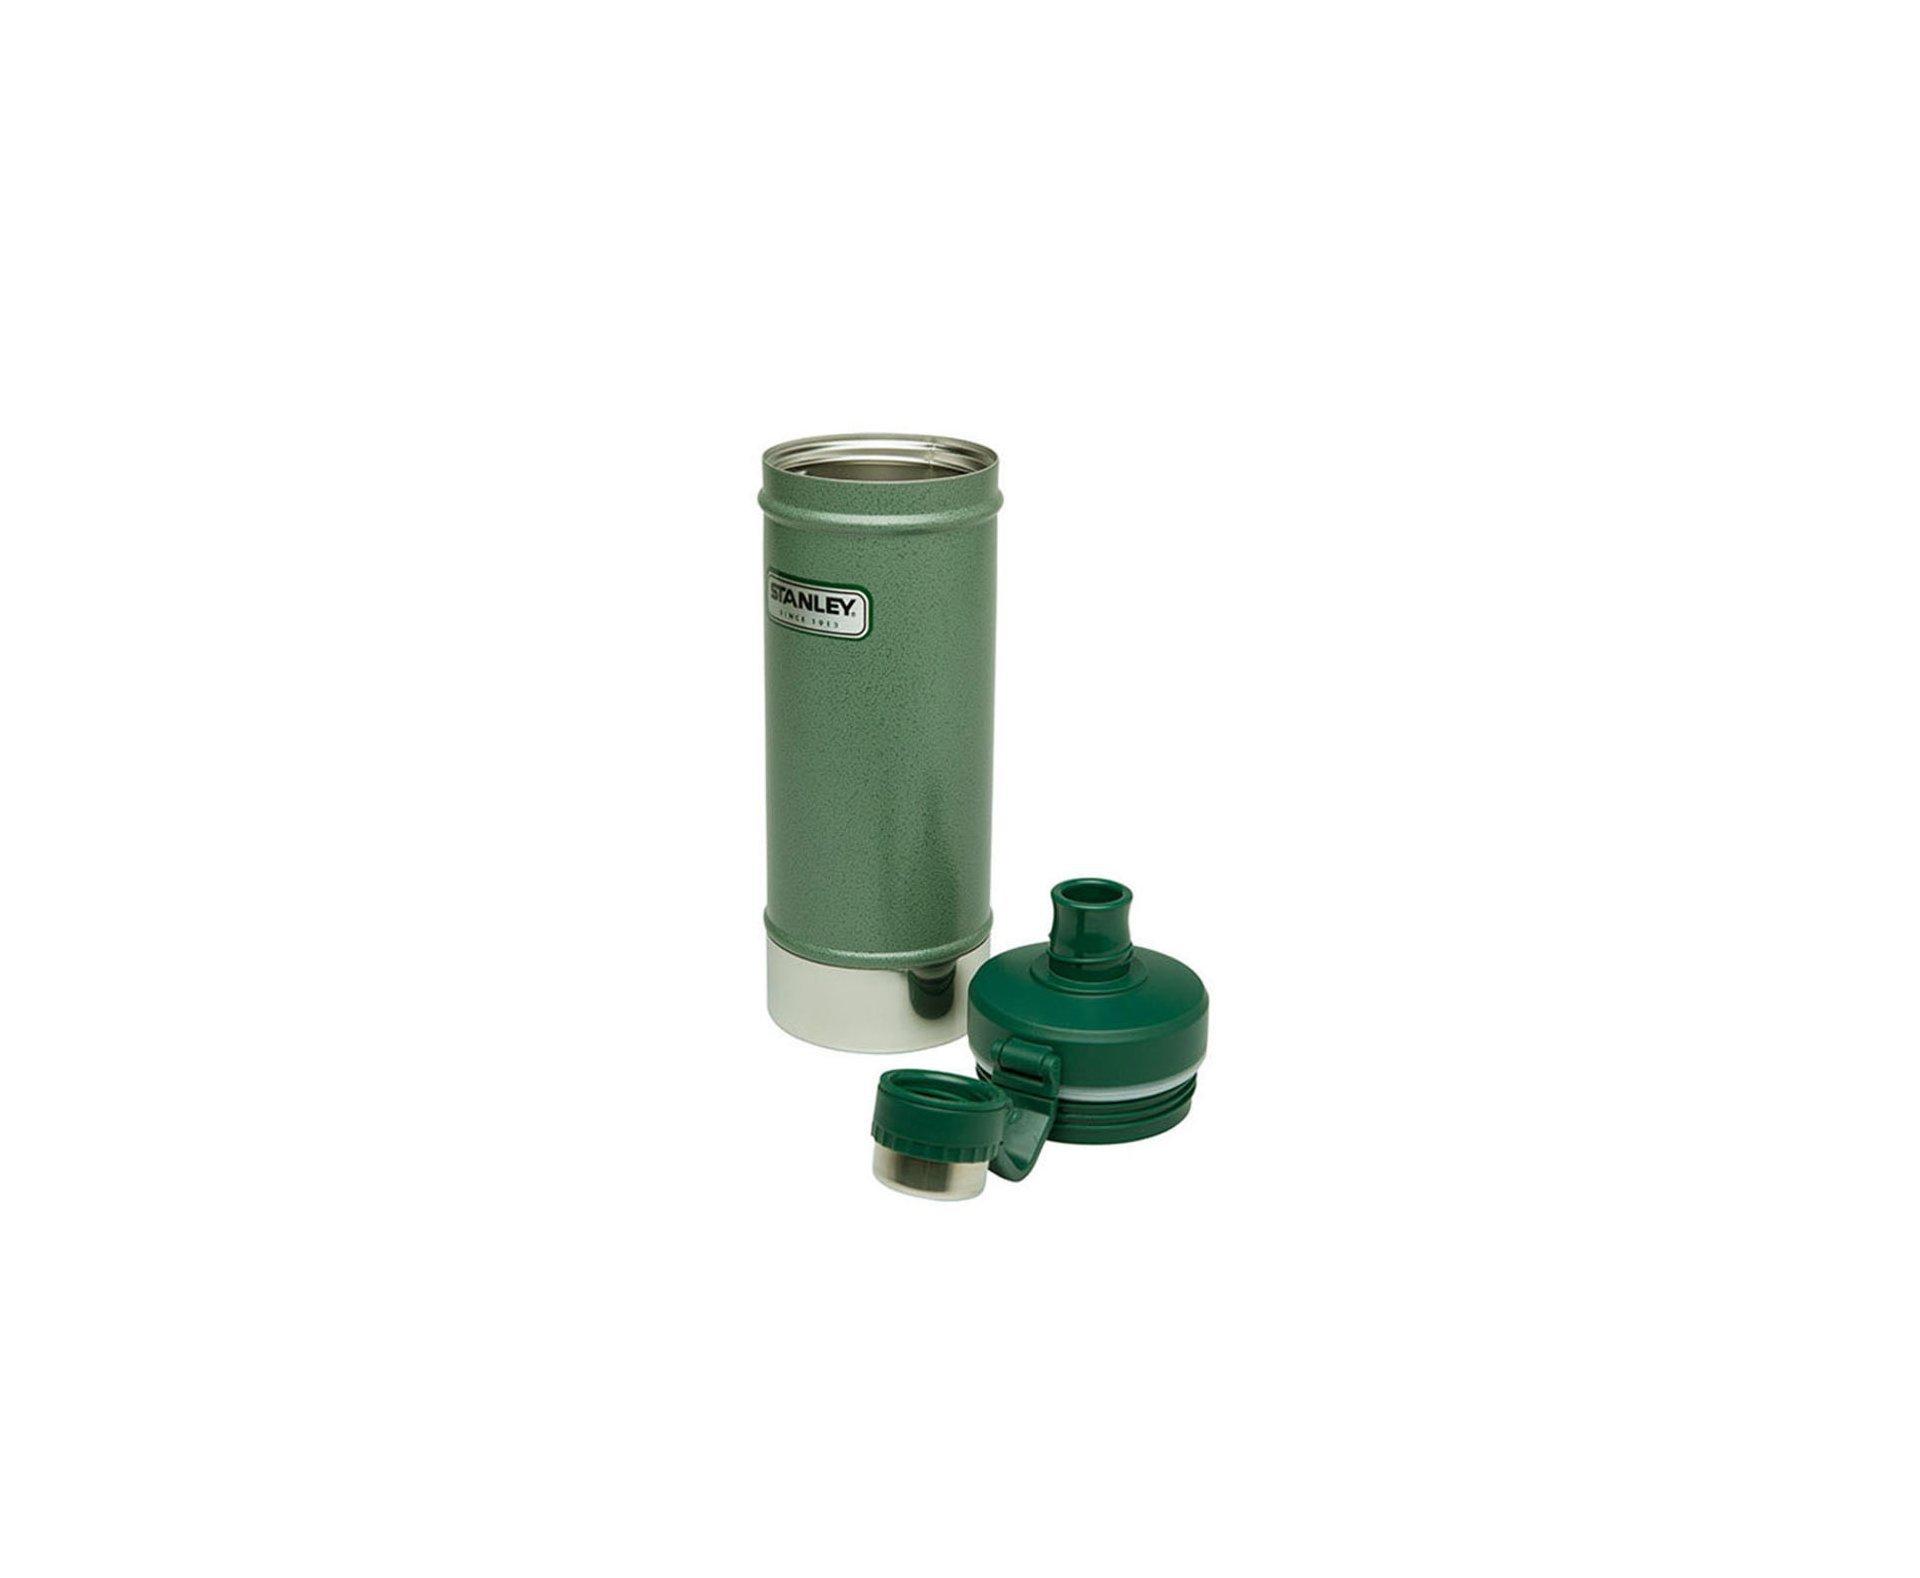 Garrafa Termica Classic Hammertone Green 0.621l  - Stanley